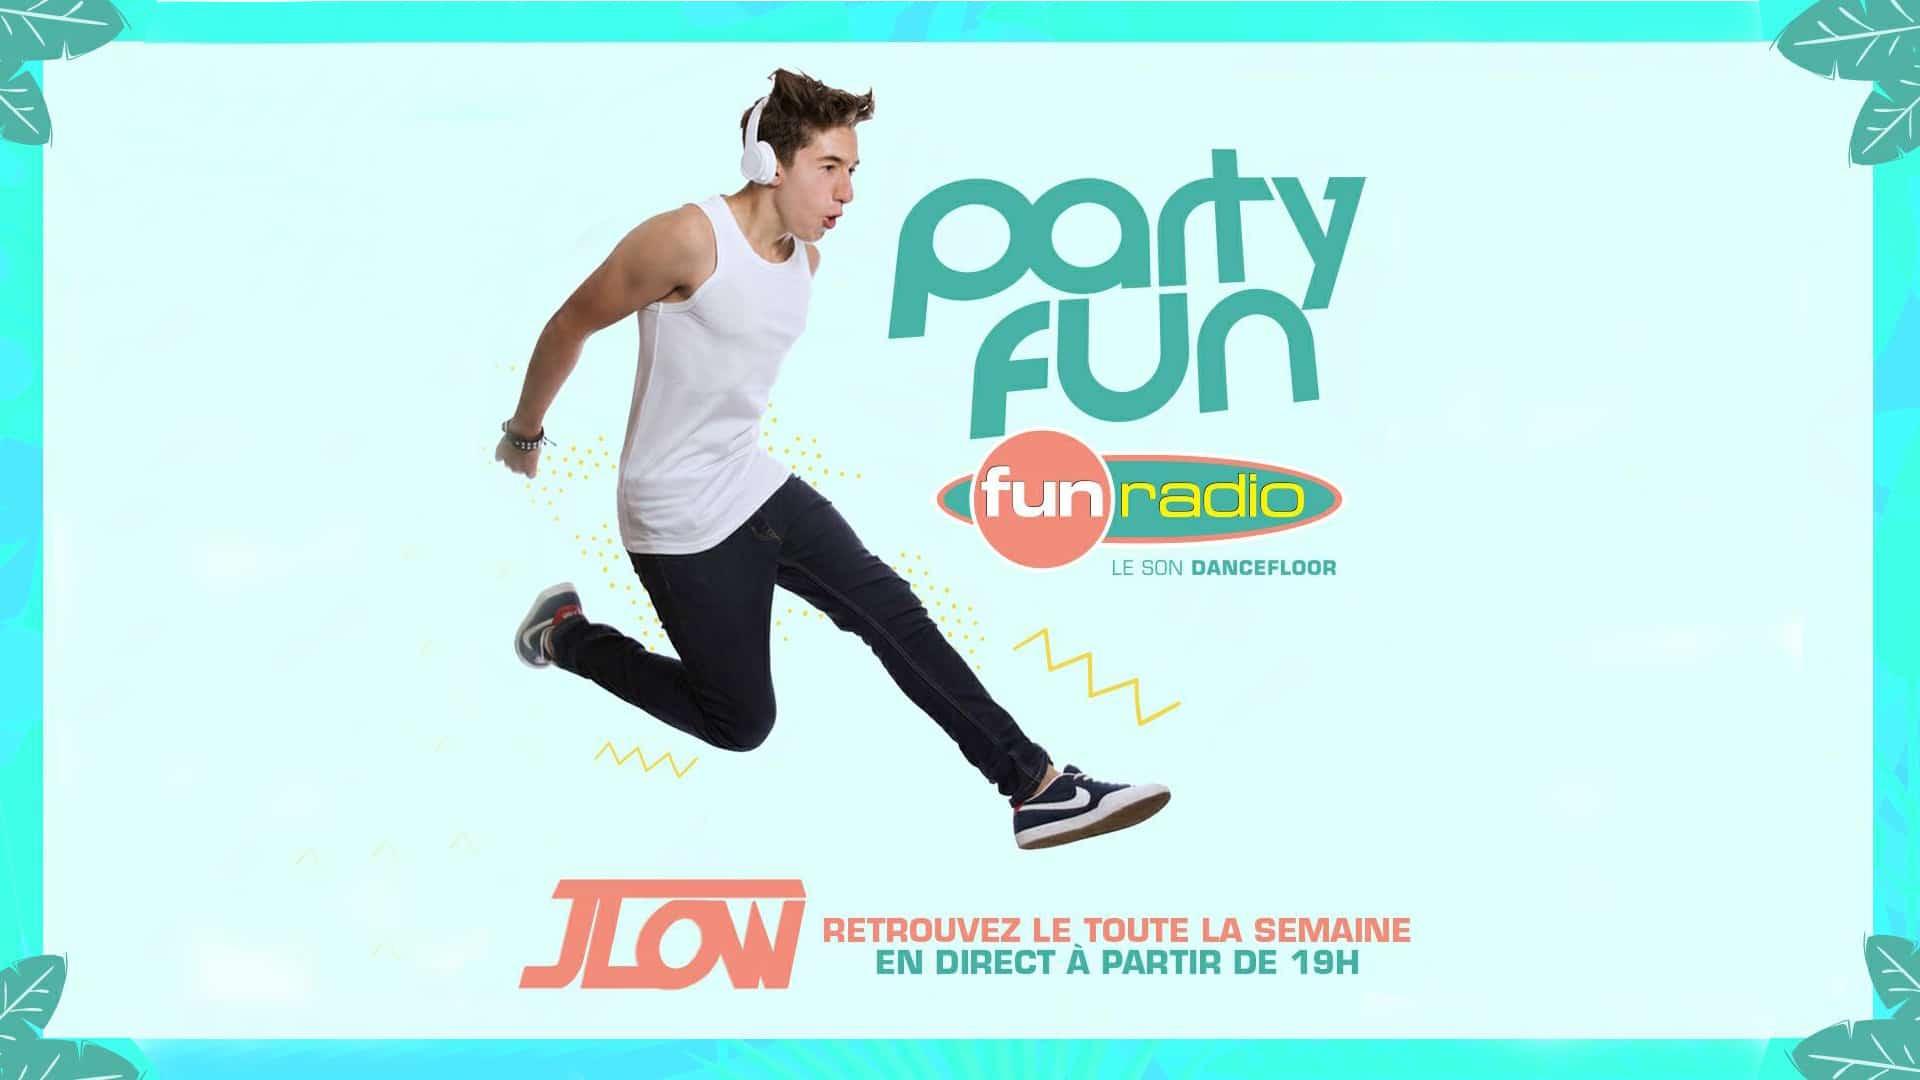 jlow party fun